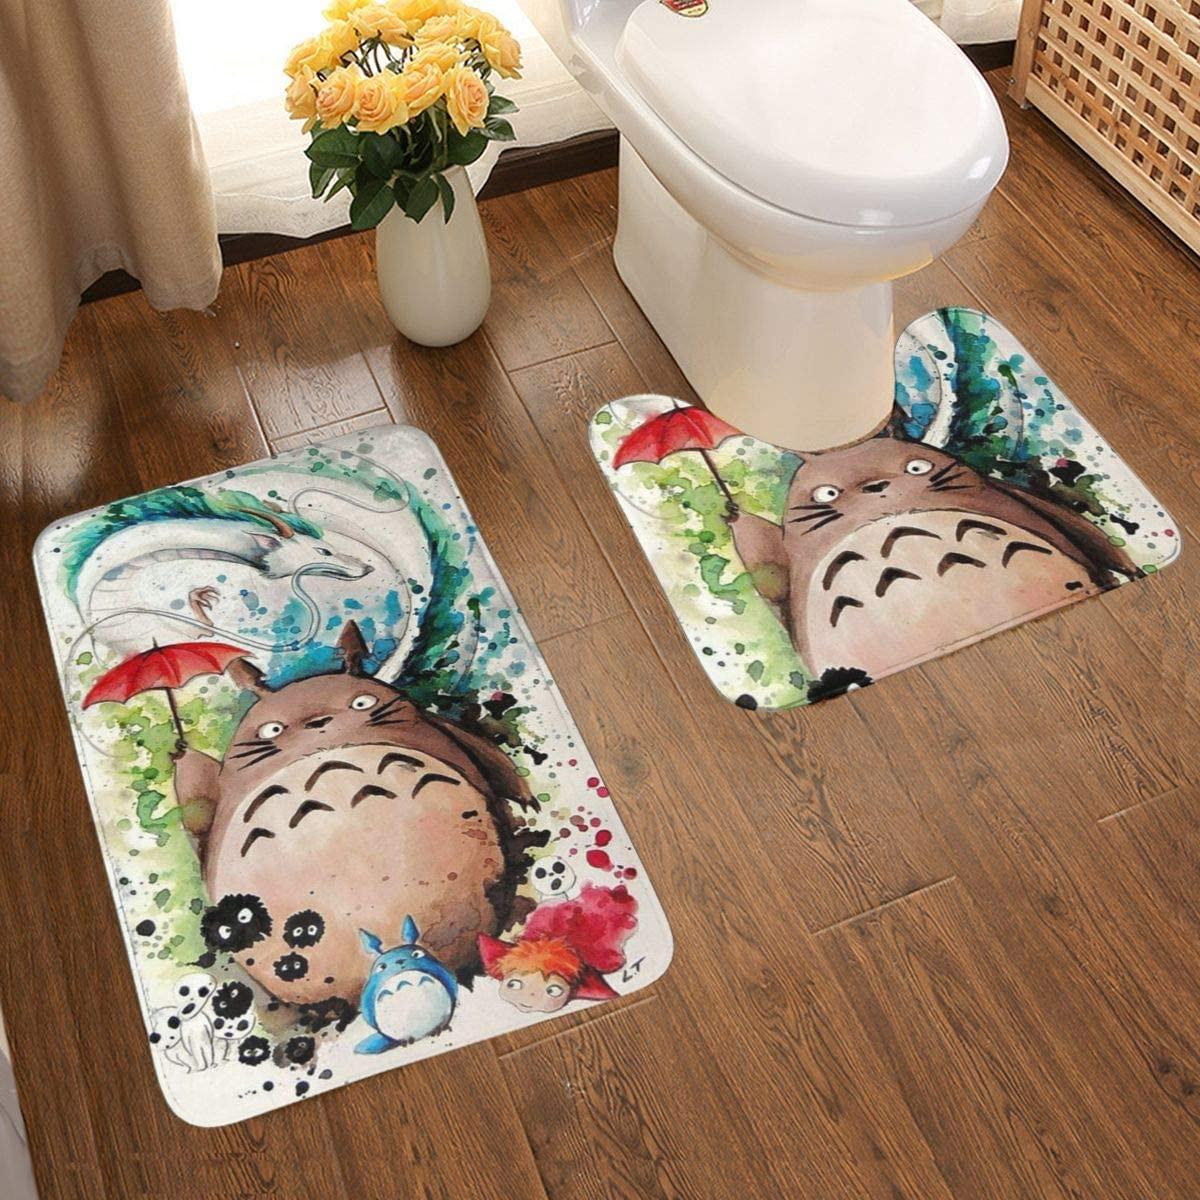 Cute Totoro Dry Fast Carpets Bathroom Rug Mat + Bath Rug Non Slip Contour Two-Piece Carpet 50 x 80 cm